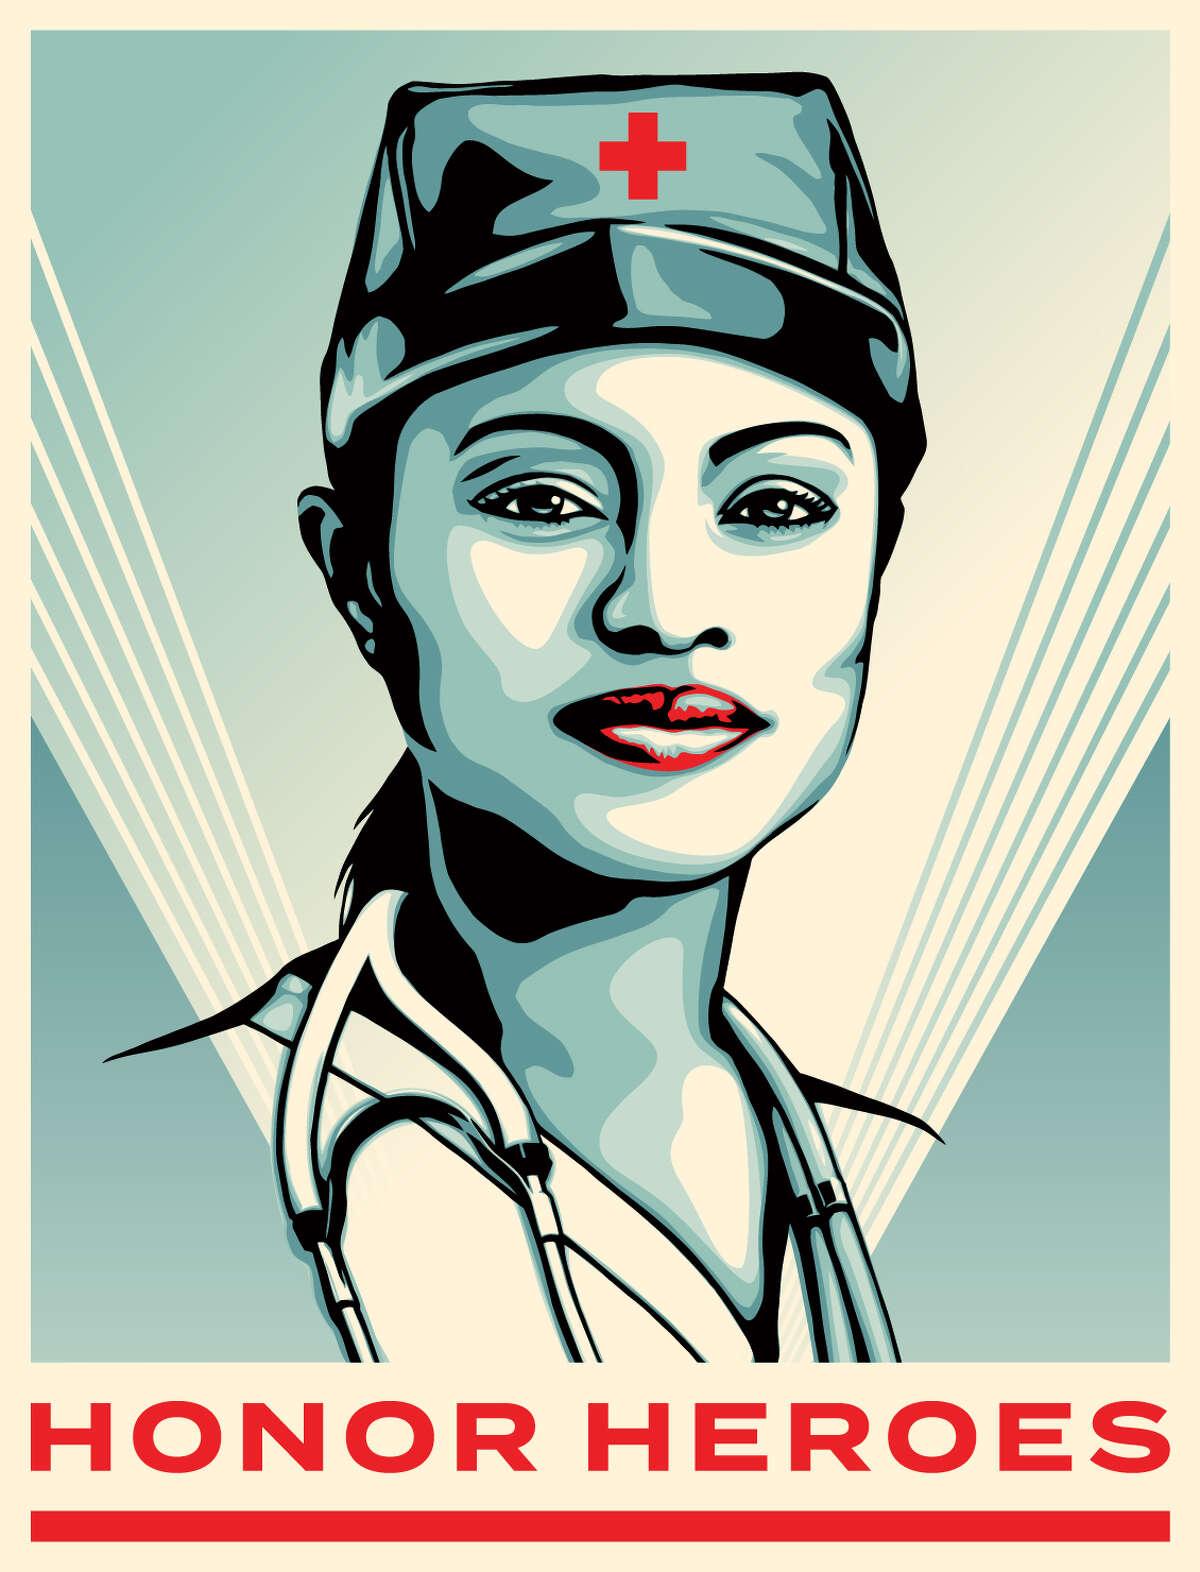 Heroes ArtistShepard FaireyHonoring: Heathcare Workers